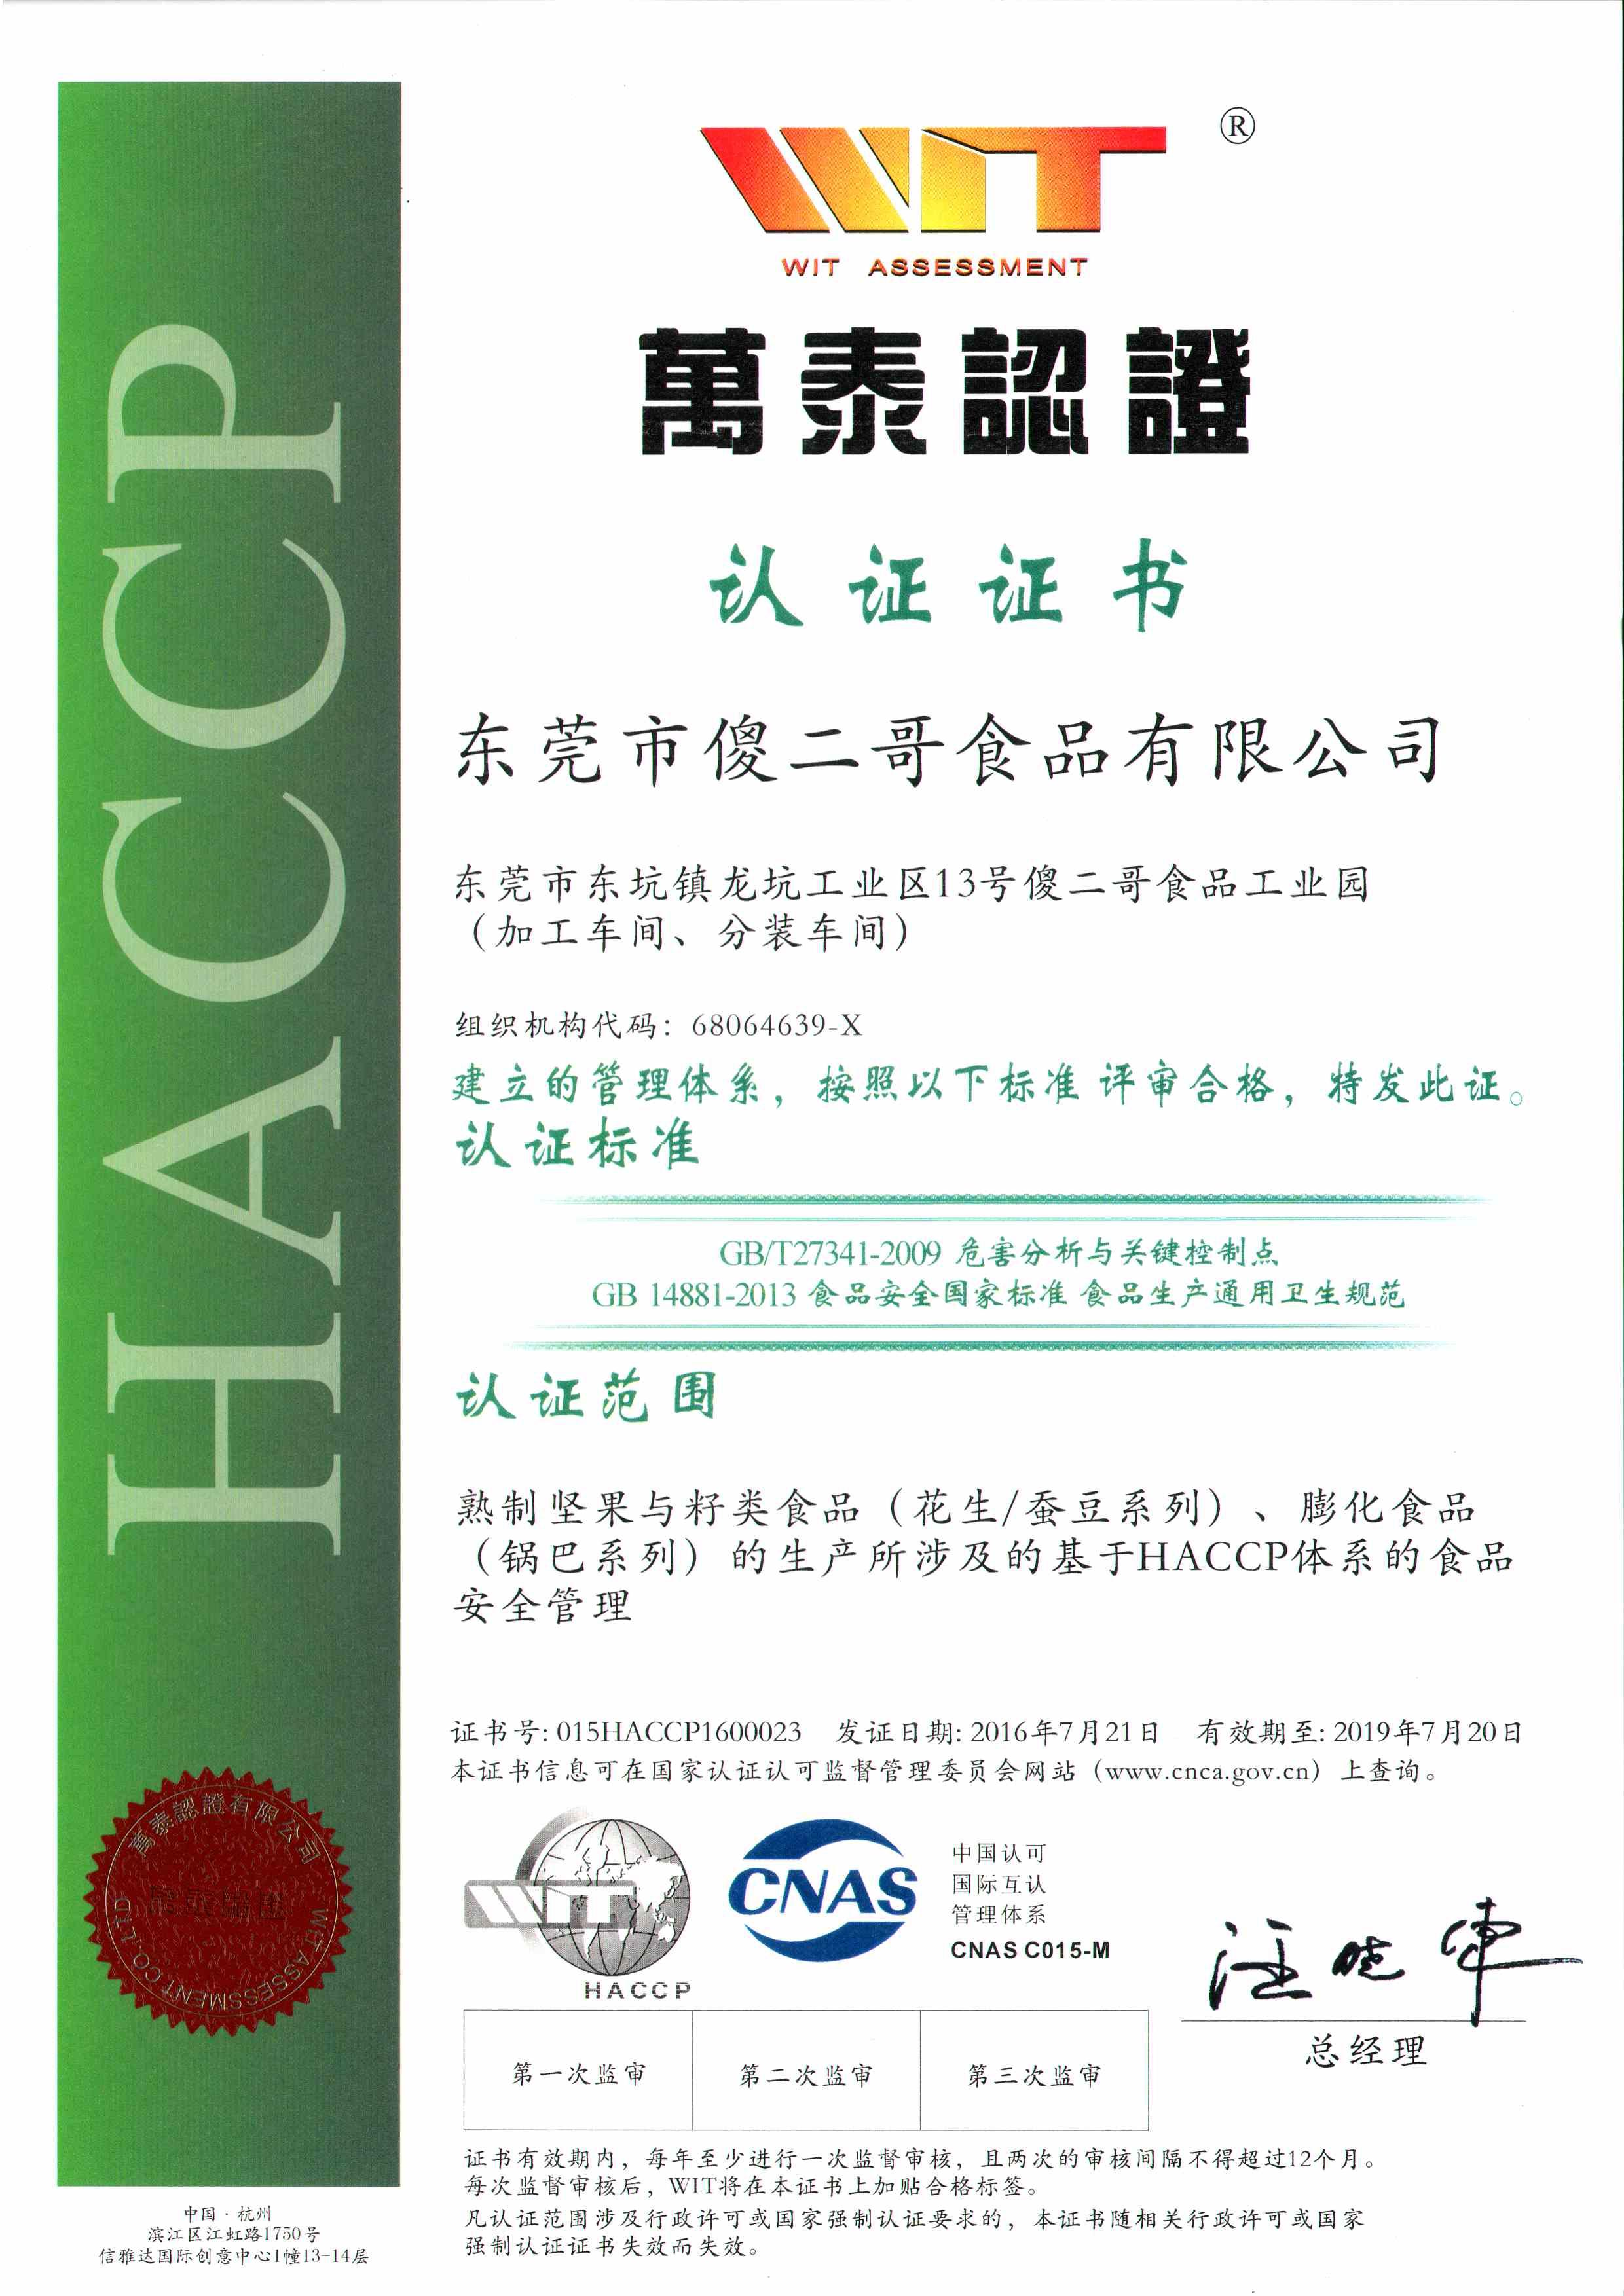 【HACCP证书中文】